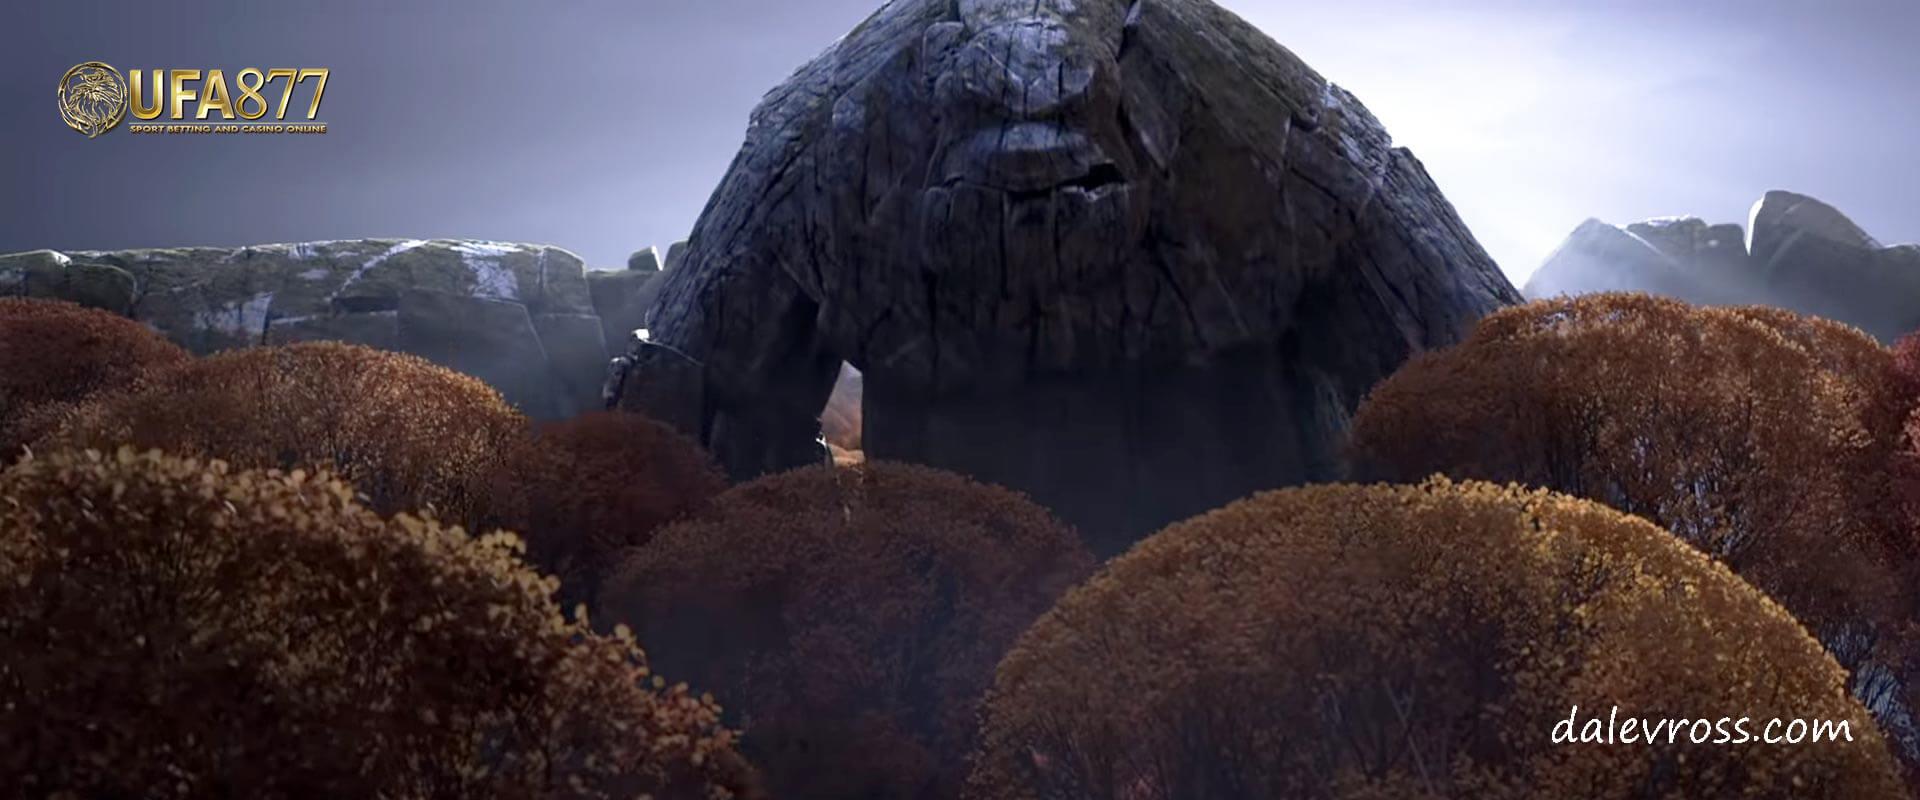 จิตวิญญาณธาตุ ดิน และ ไฟ ใน Frozen